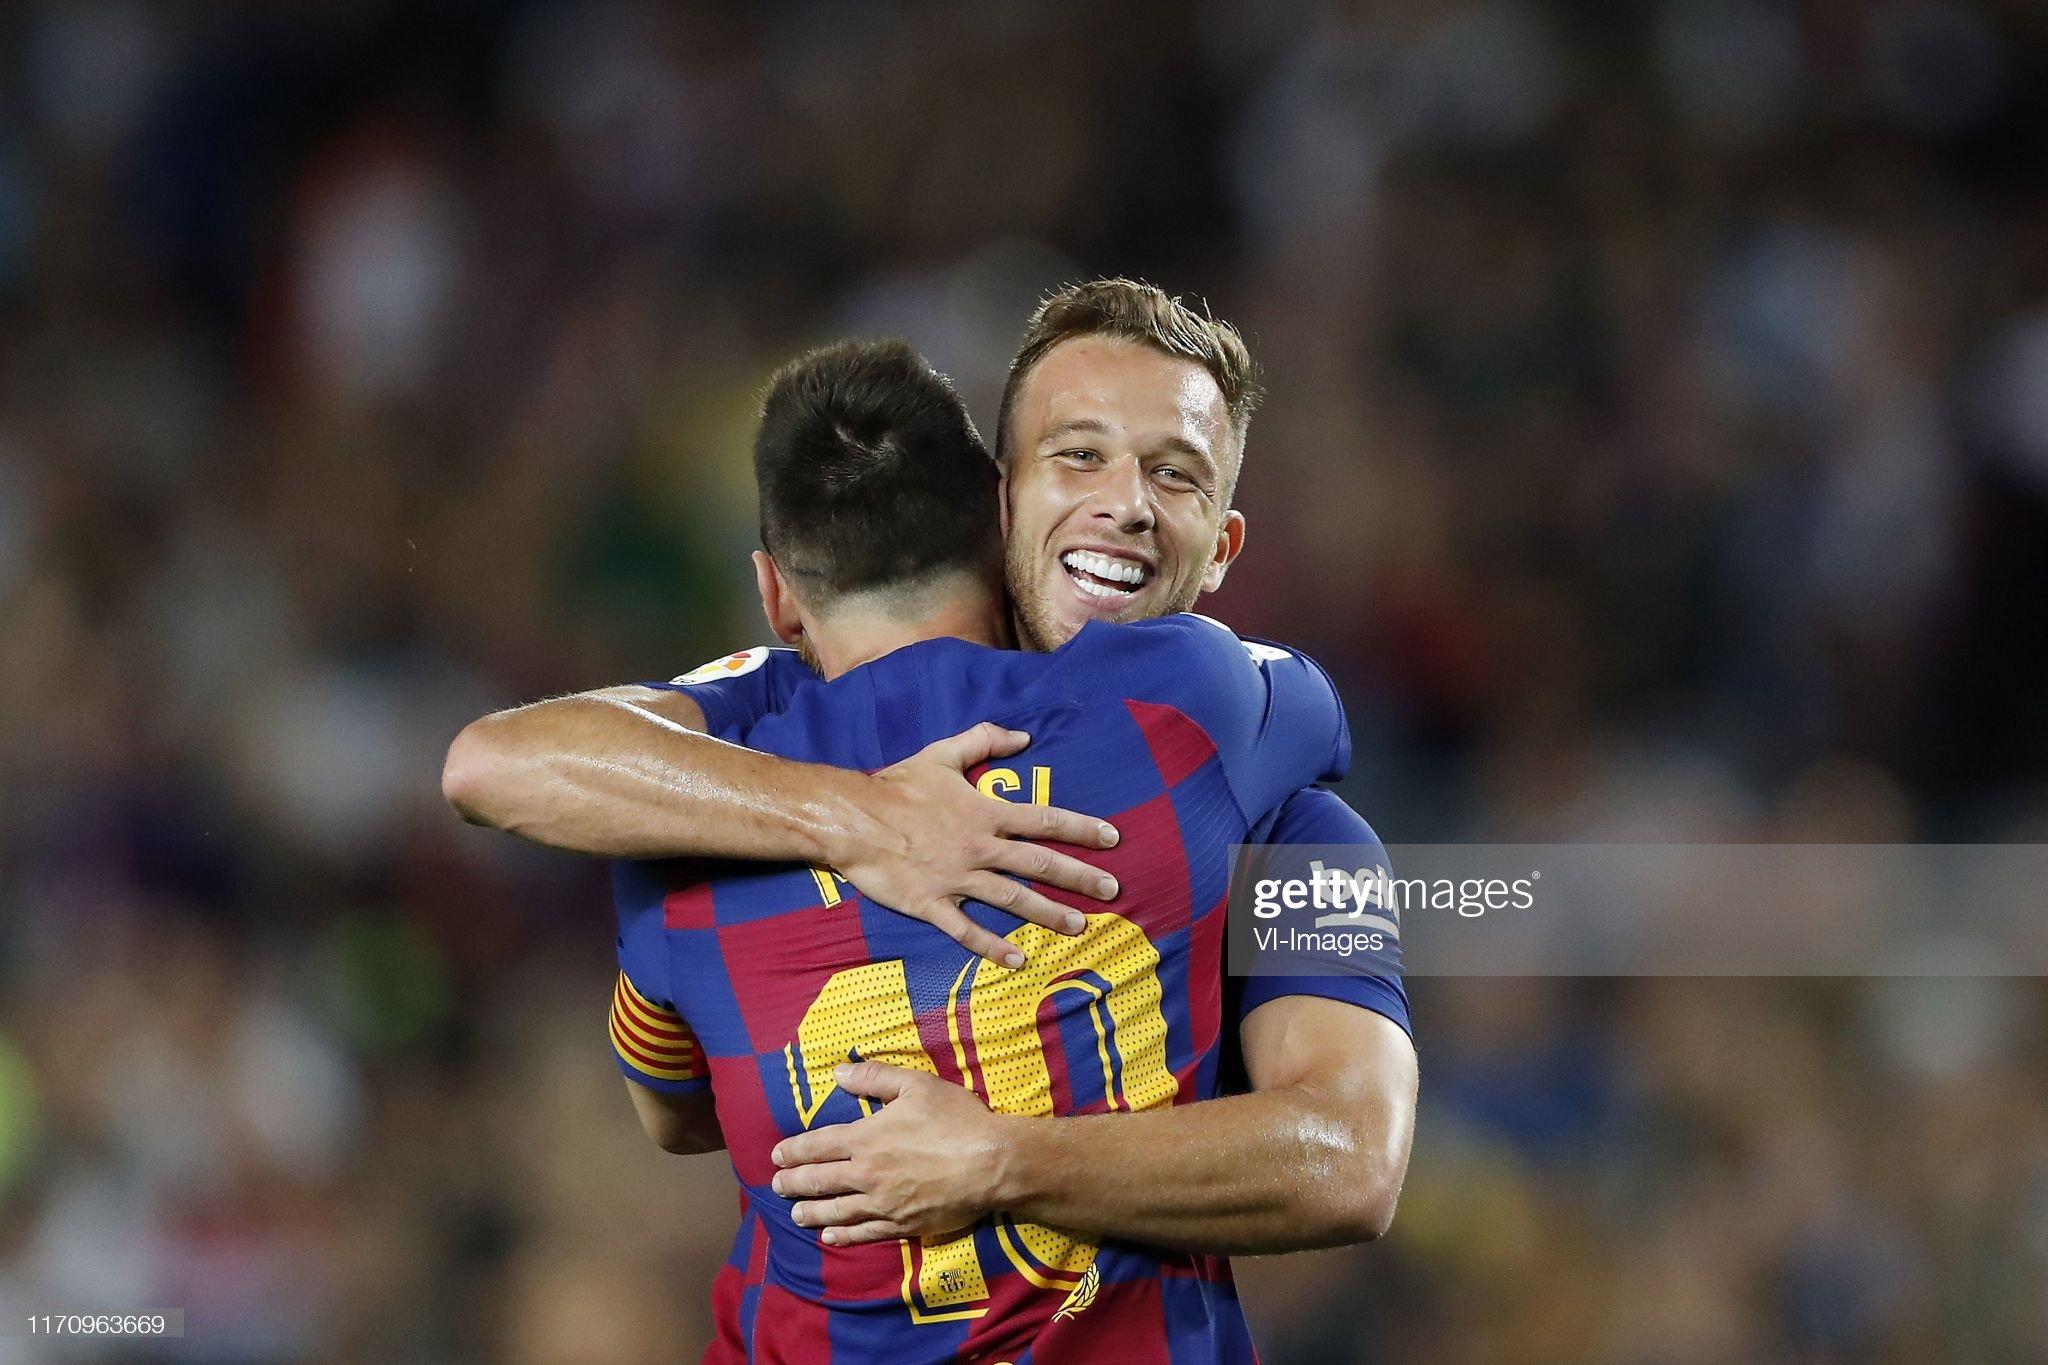 صور مباراة : برشلونة - فياريال 2-1 ( 24-09-2019 )  Lionel-messi-of-fc-barcelona-arthur-henrique-ramos-de-oliveira-melo-picture-id1170963669?s=2048x2048